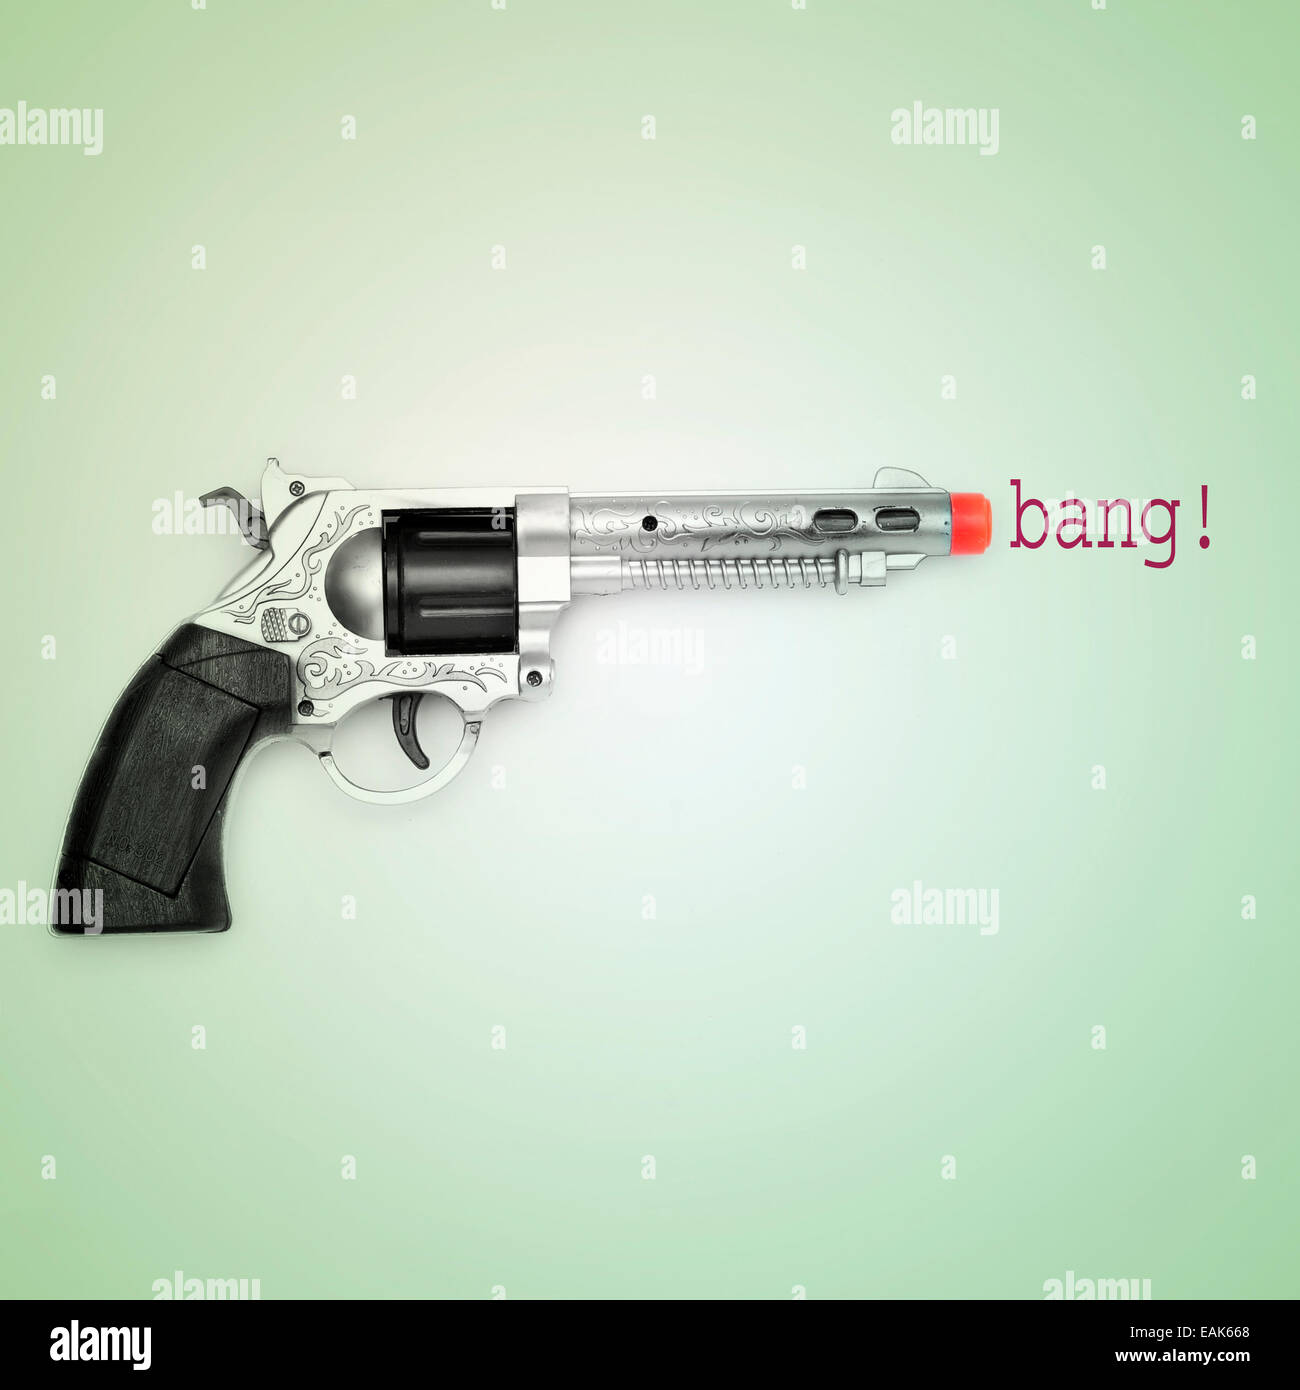 Photo d'un pistolet jouet et le mot bang sur un fond bleu, avec un effet rétro Photo Stock